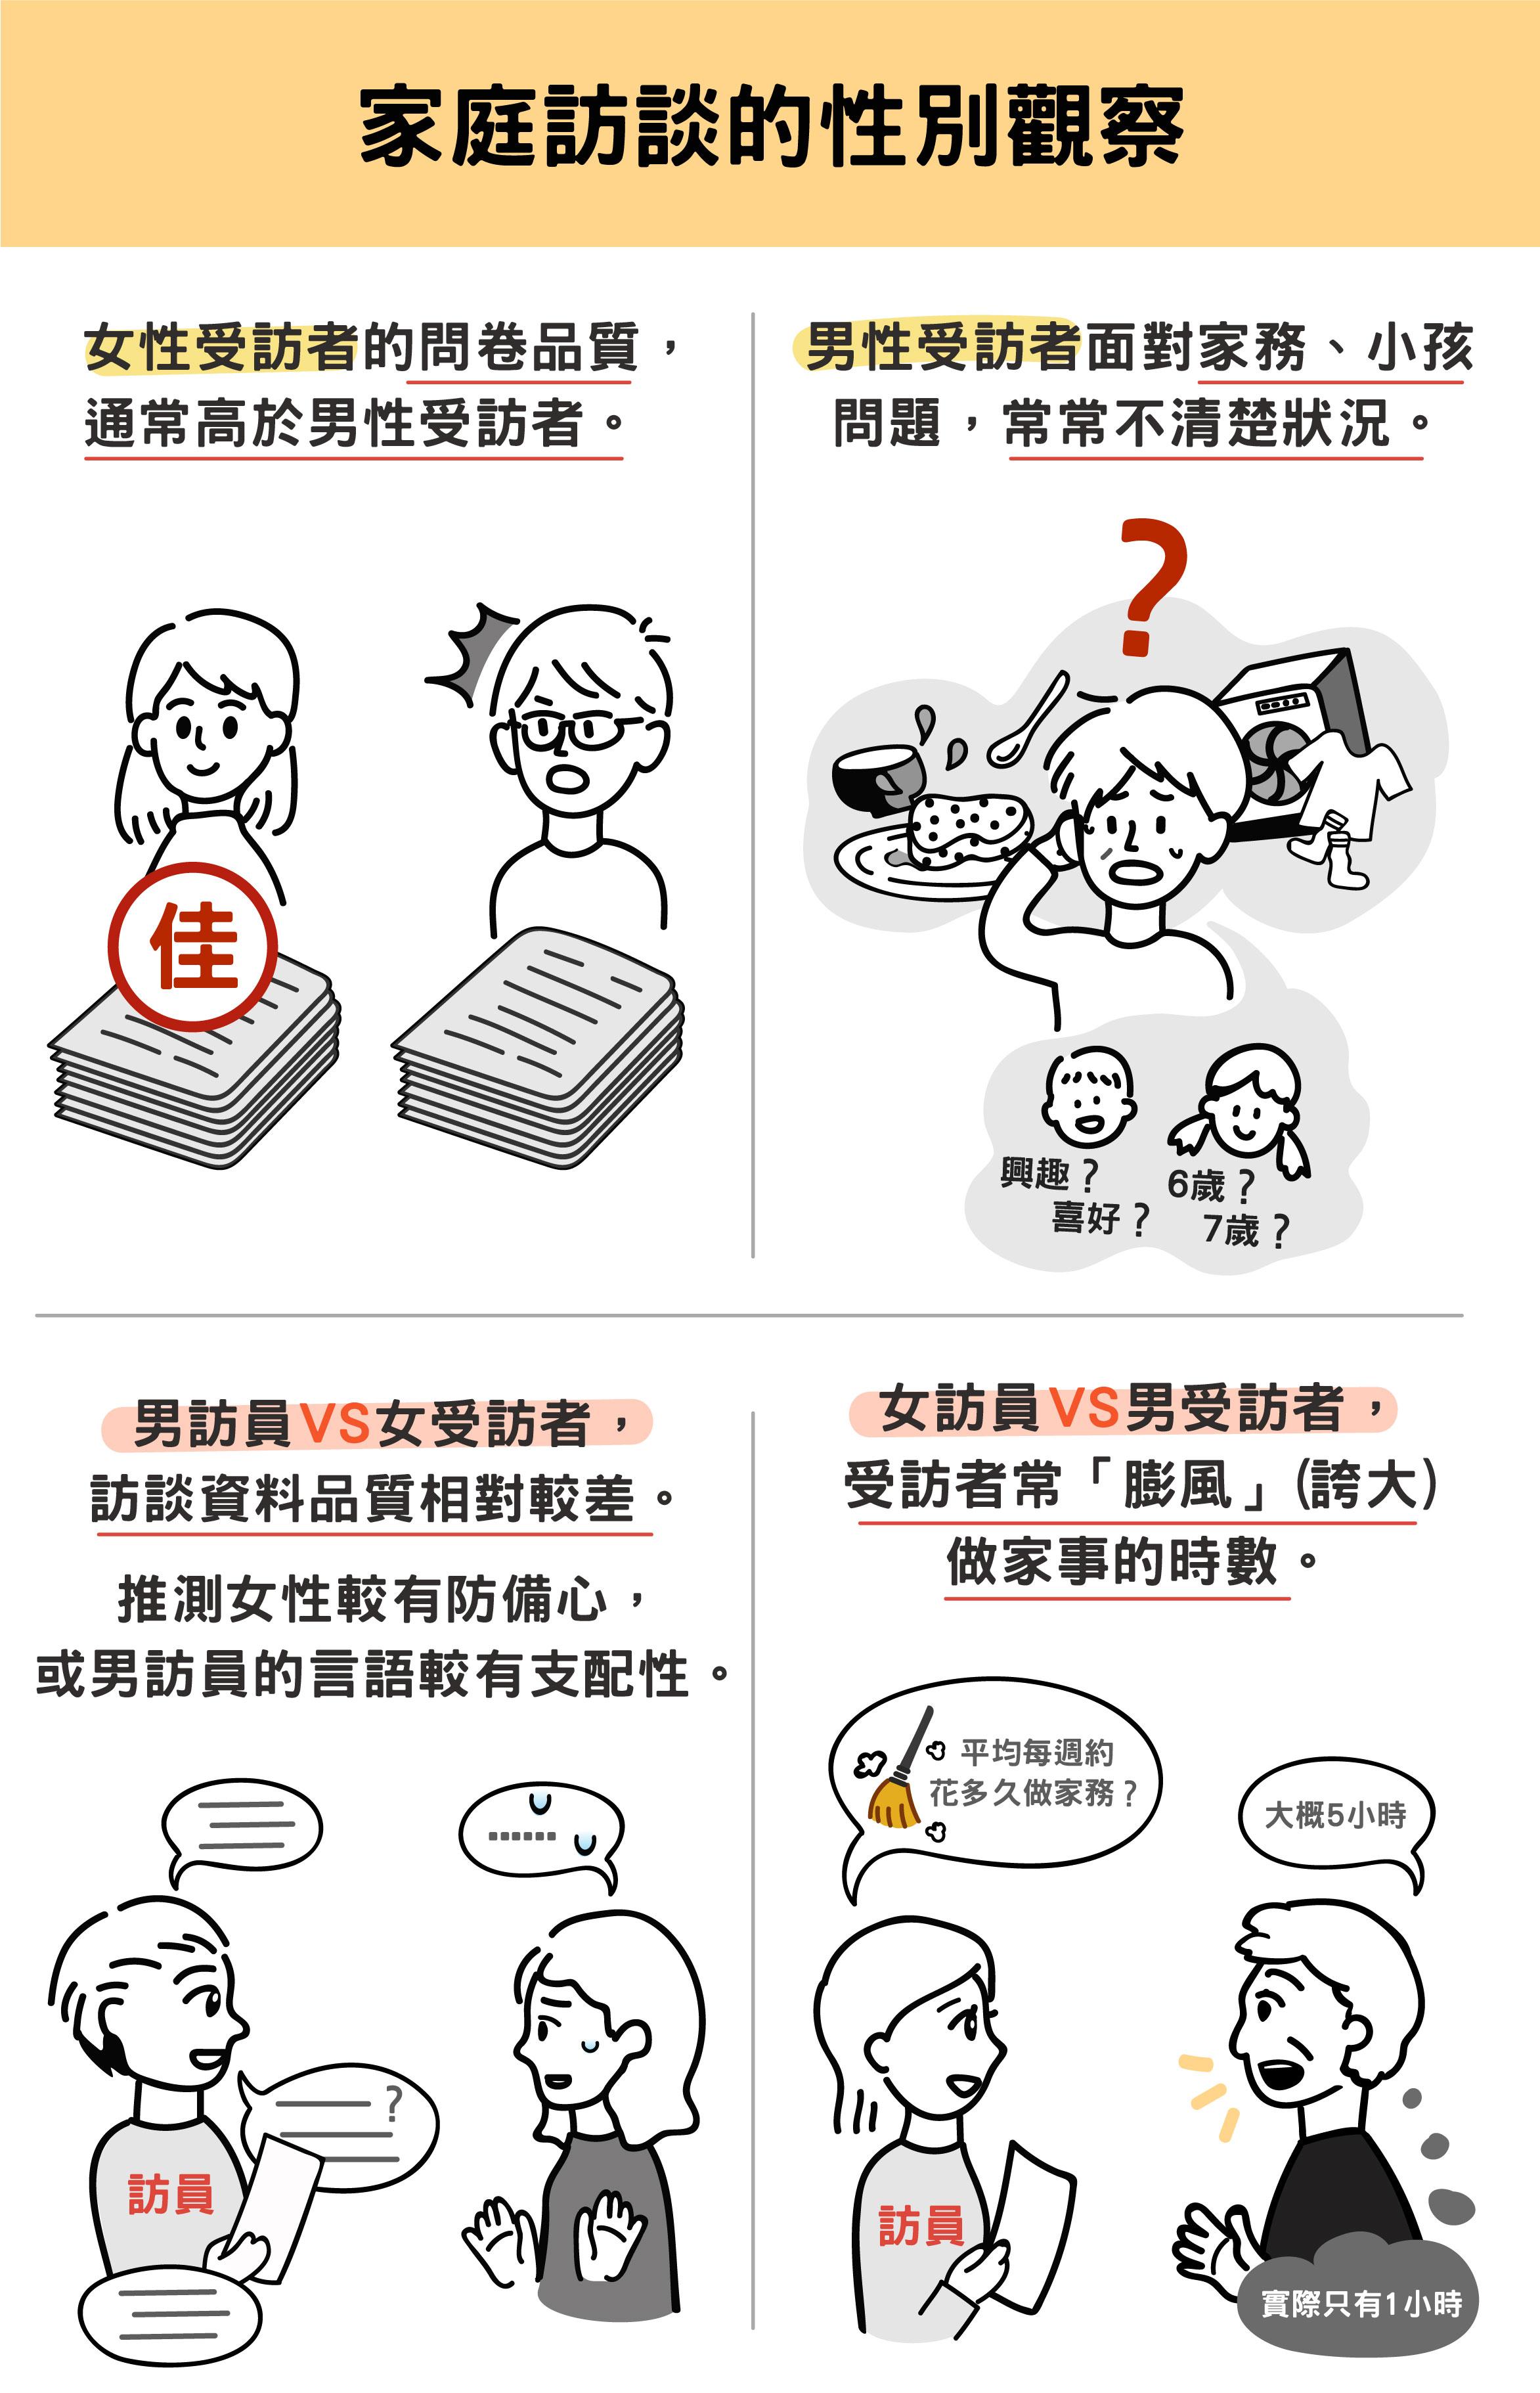 圖說設計│劉芝吟、林洵安資料來源│于若蓉、黃奕嘉